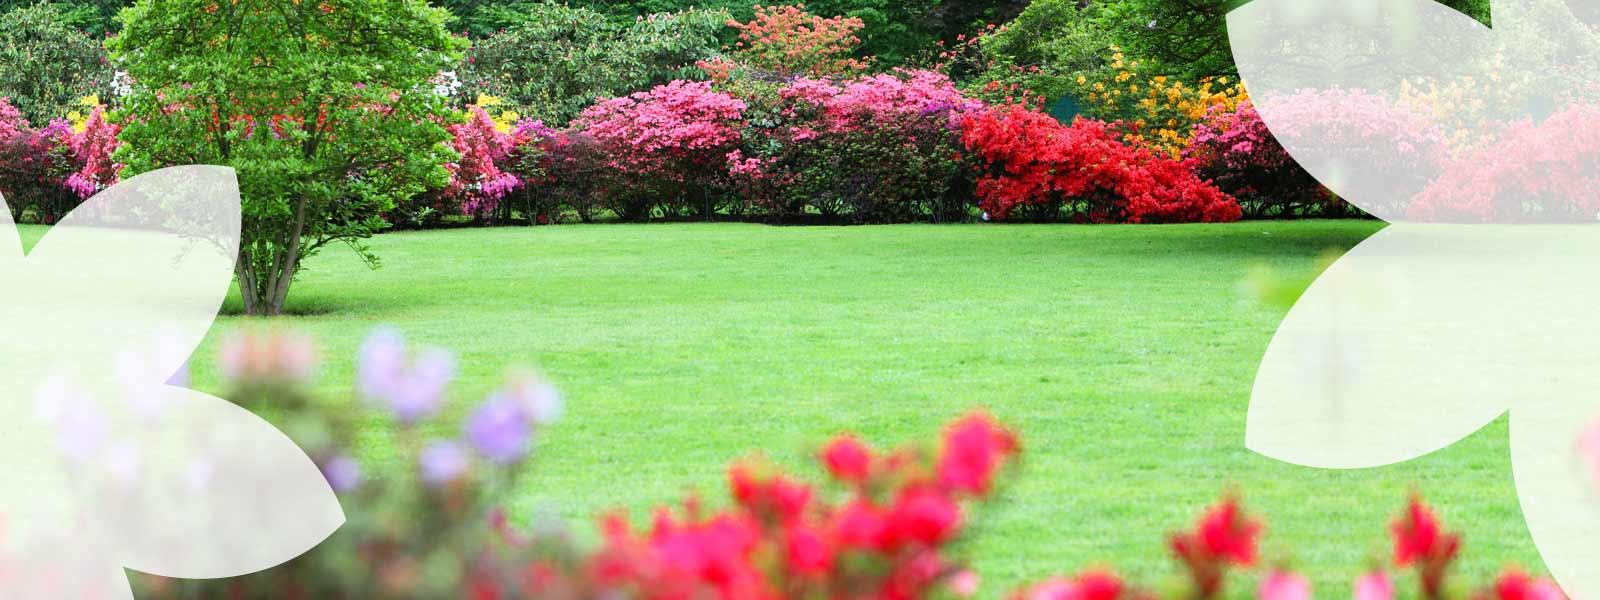 giardiniere monza sulbiate vimercate